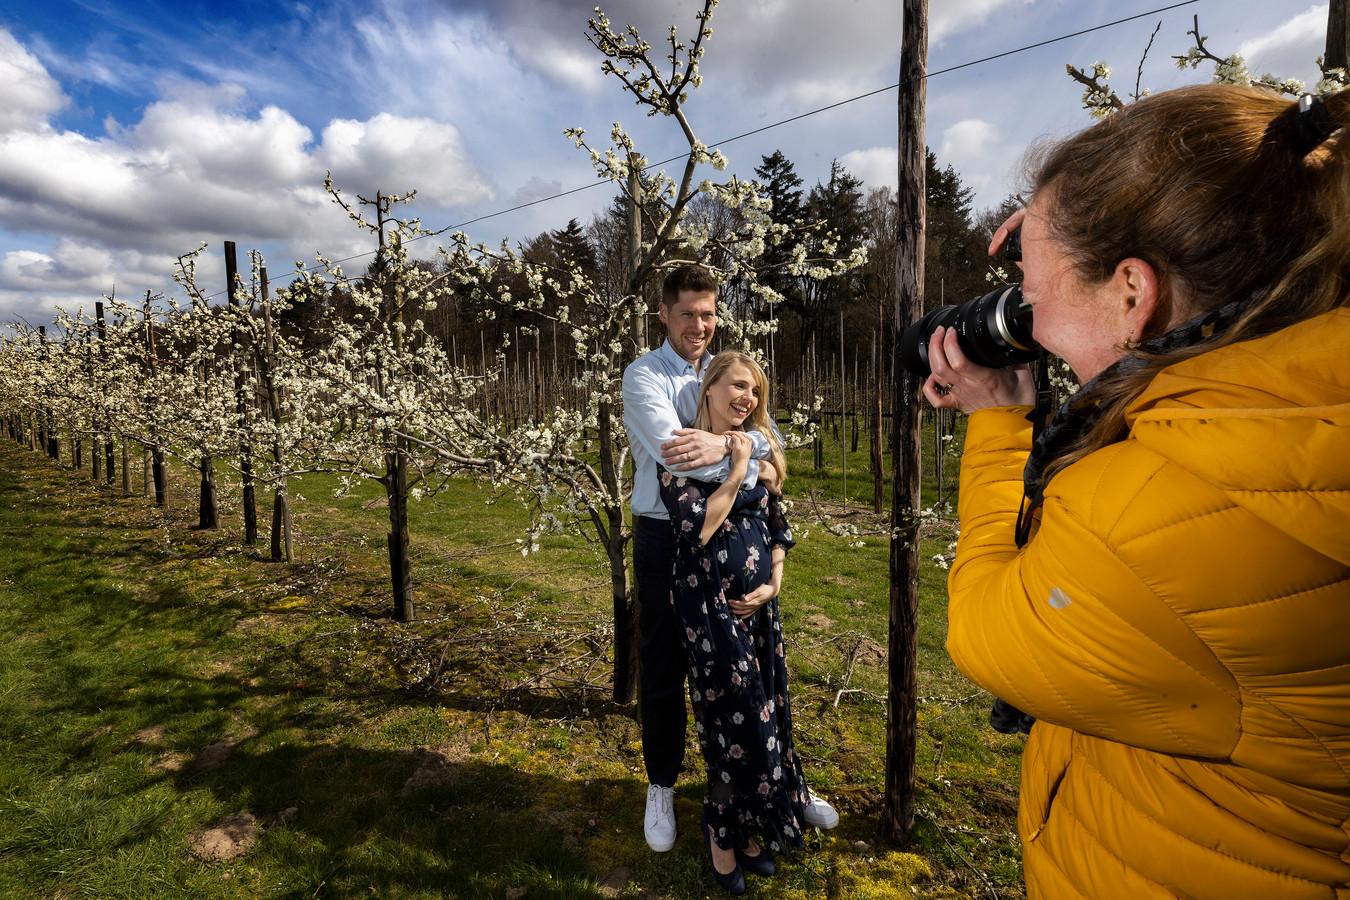 Thijs en Simone Kronenberg en fotografe Neeltje van Boekel zouden komend weekend zwangerschapsfoto's maken tussen de bloeiende pruimen in de Philips Fruittuin. Toen ze hoorden van de aangekondigde nachtvorst deze week, verzetten ze het voor de zekerheid naar afgelopen zaterdag.